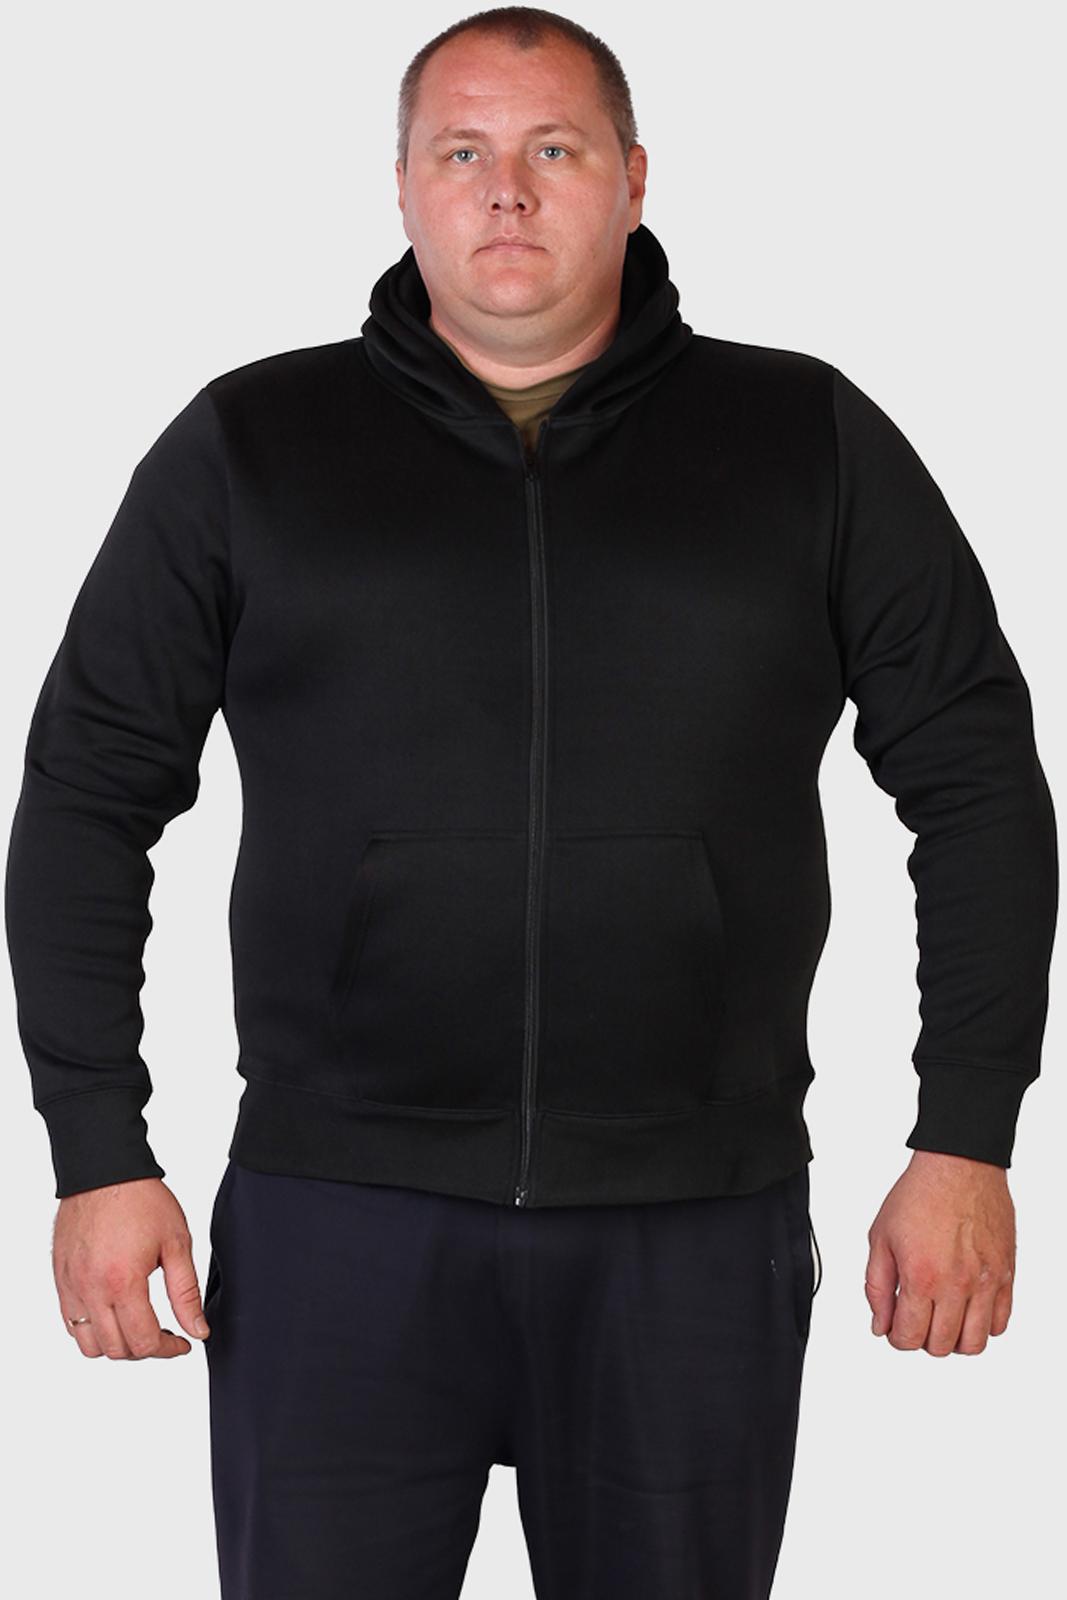 Заказать на сайте мужскую однотонную толстовку на молнии